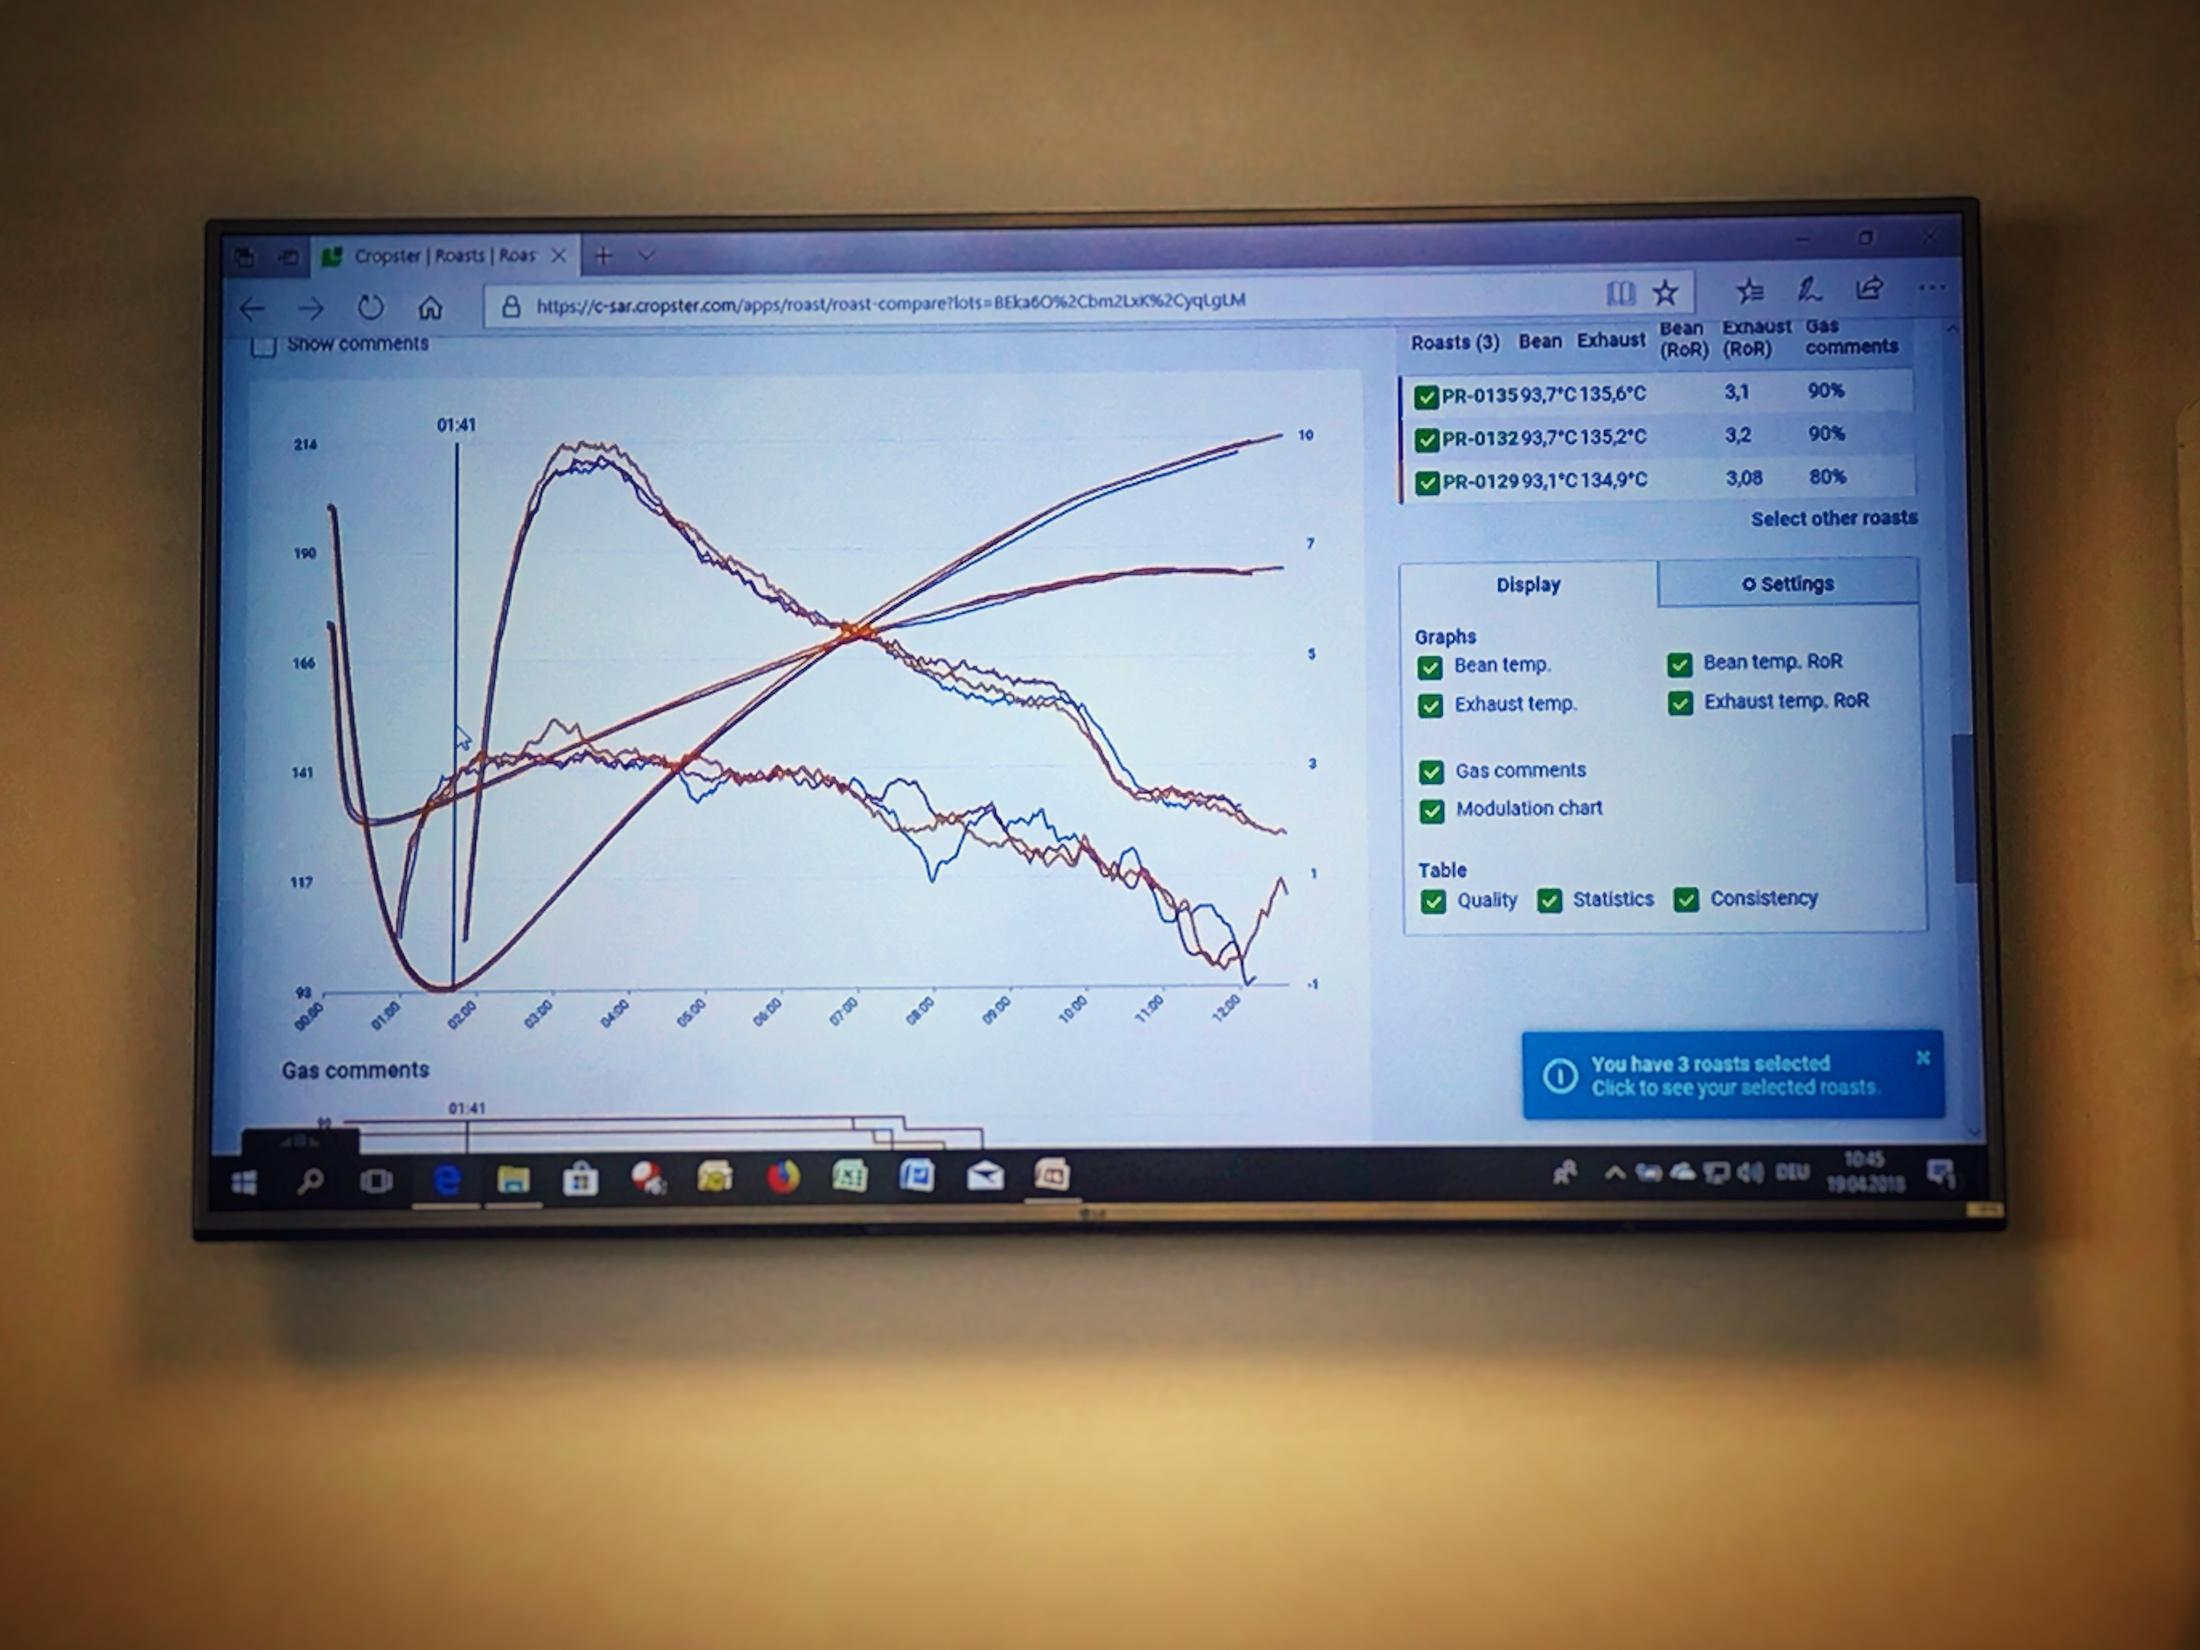 Röstkurven auf einem Bildschirm an einer weißen Wand. Man sieht eine vergleichende Übersicht von übereinandergelegten Kurven, aus dem Röstprogramm Cropster.